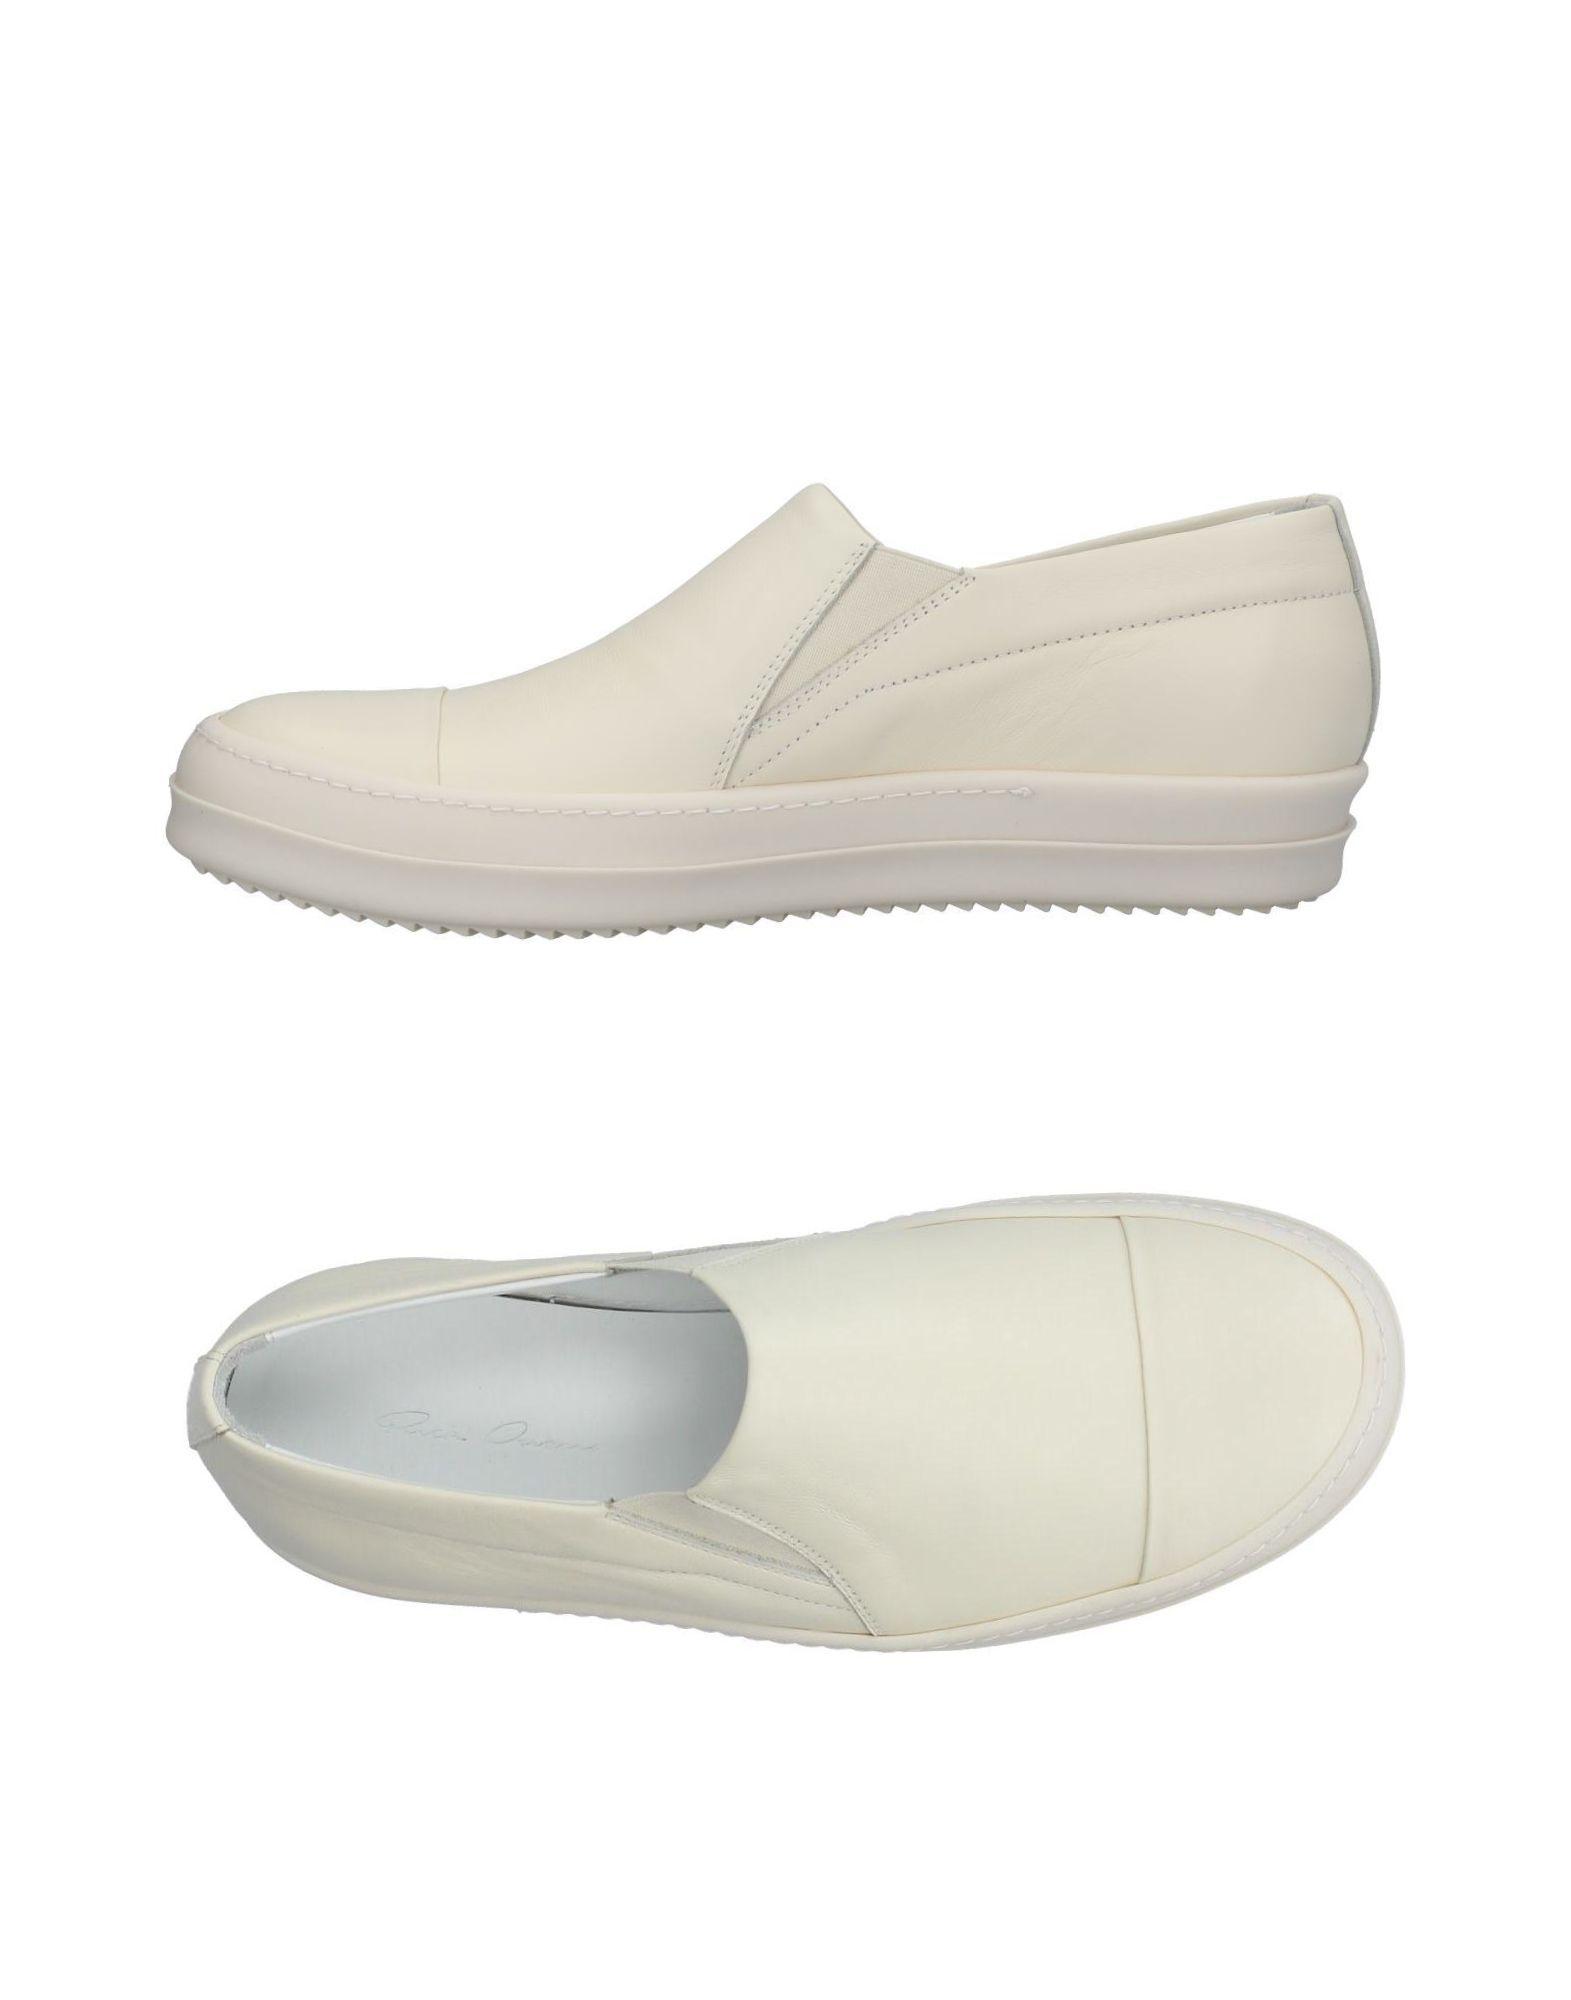 Rick Owens Herren Sneakers Herren Owens  11381014FG Neue Schuhe 2e6905